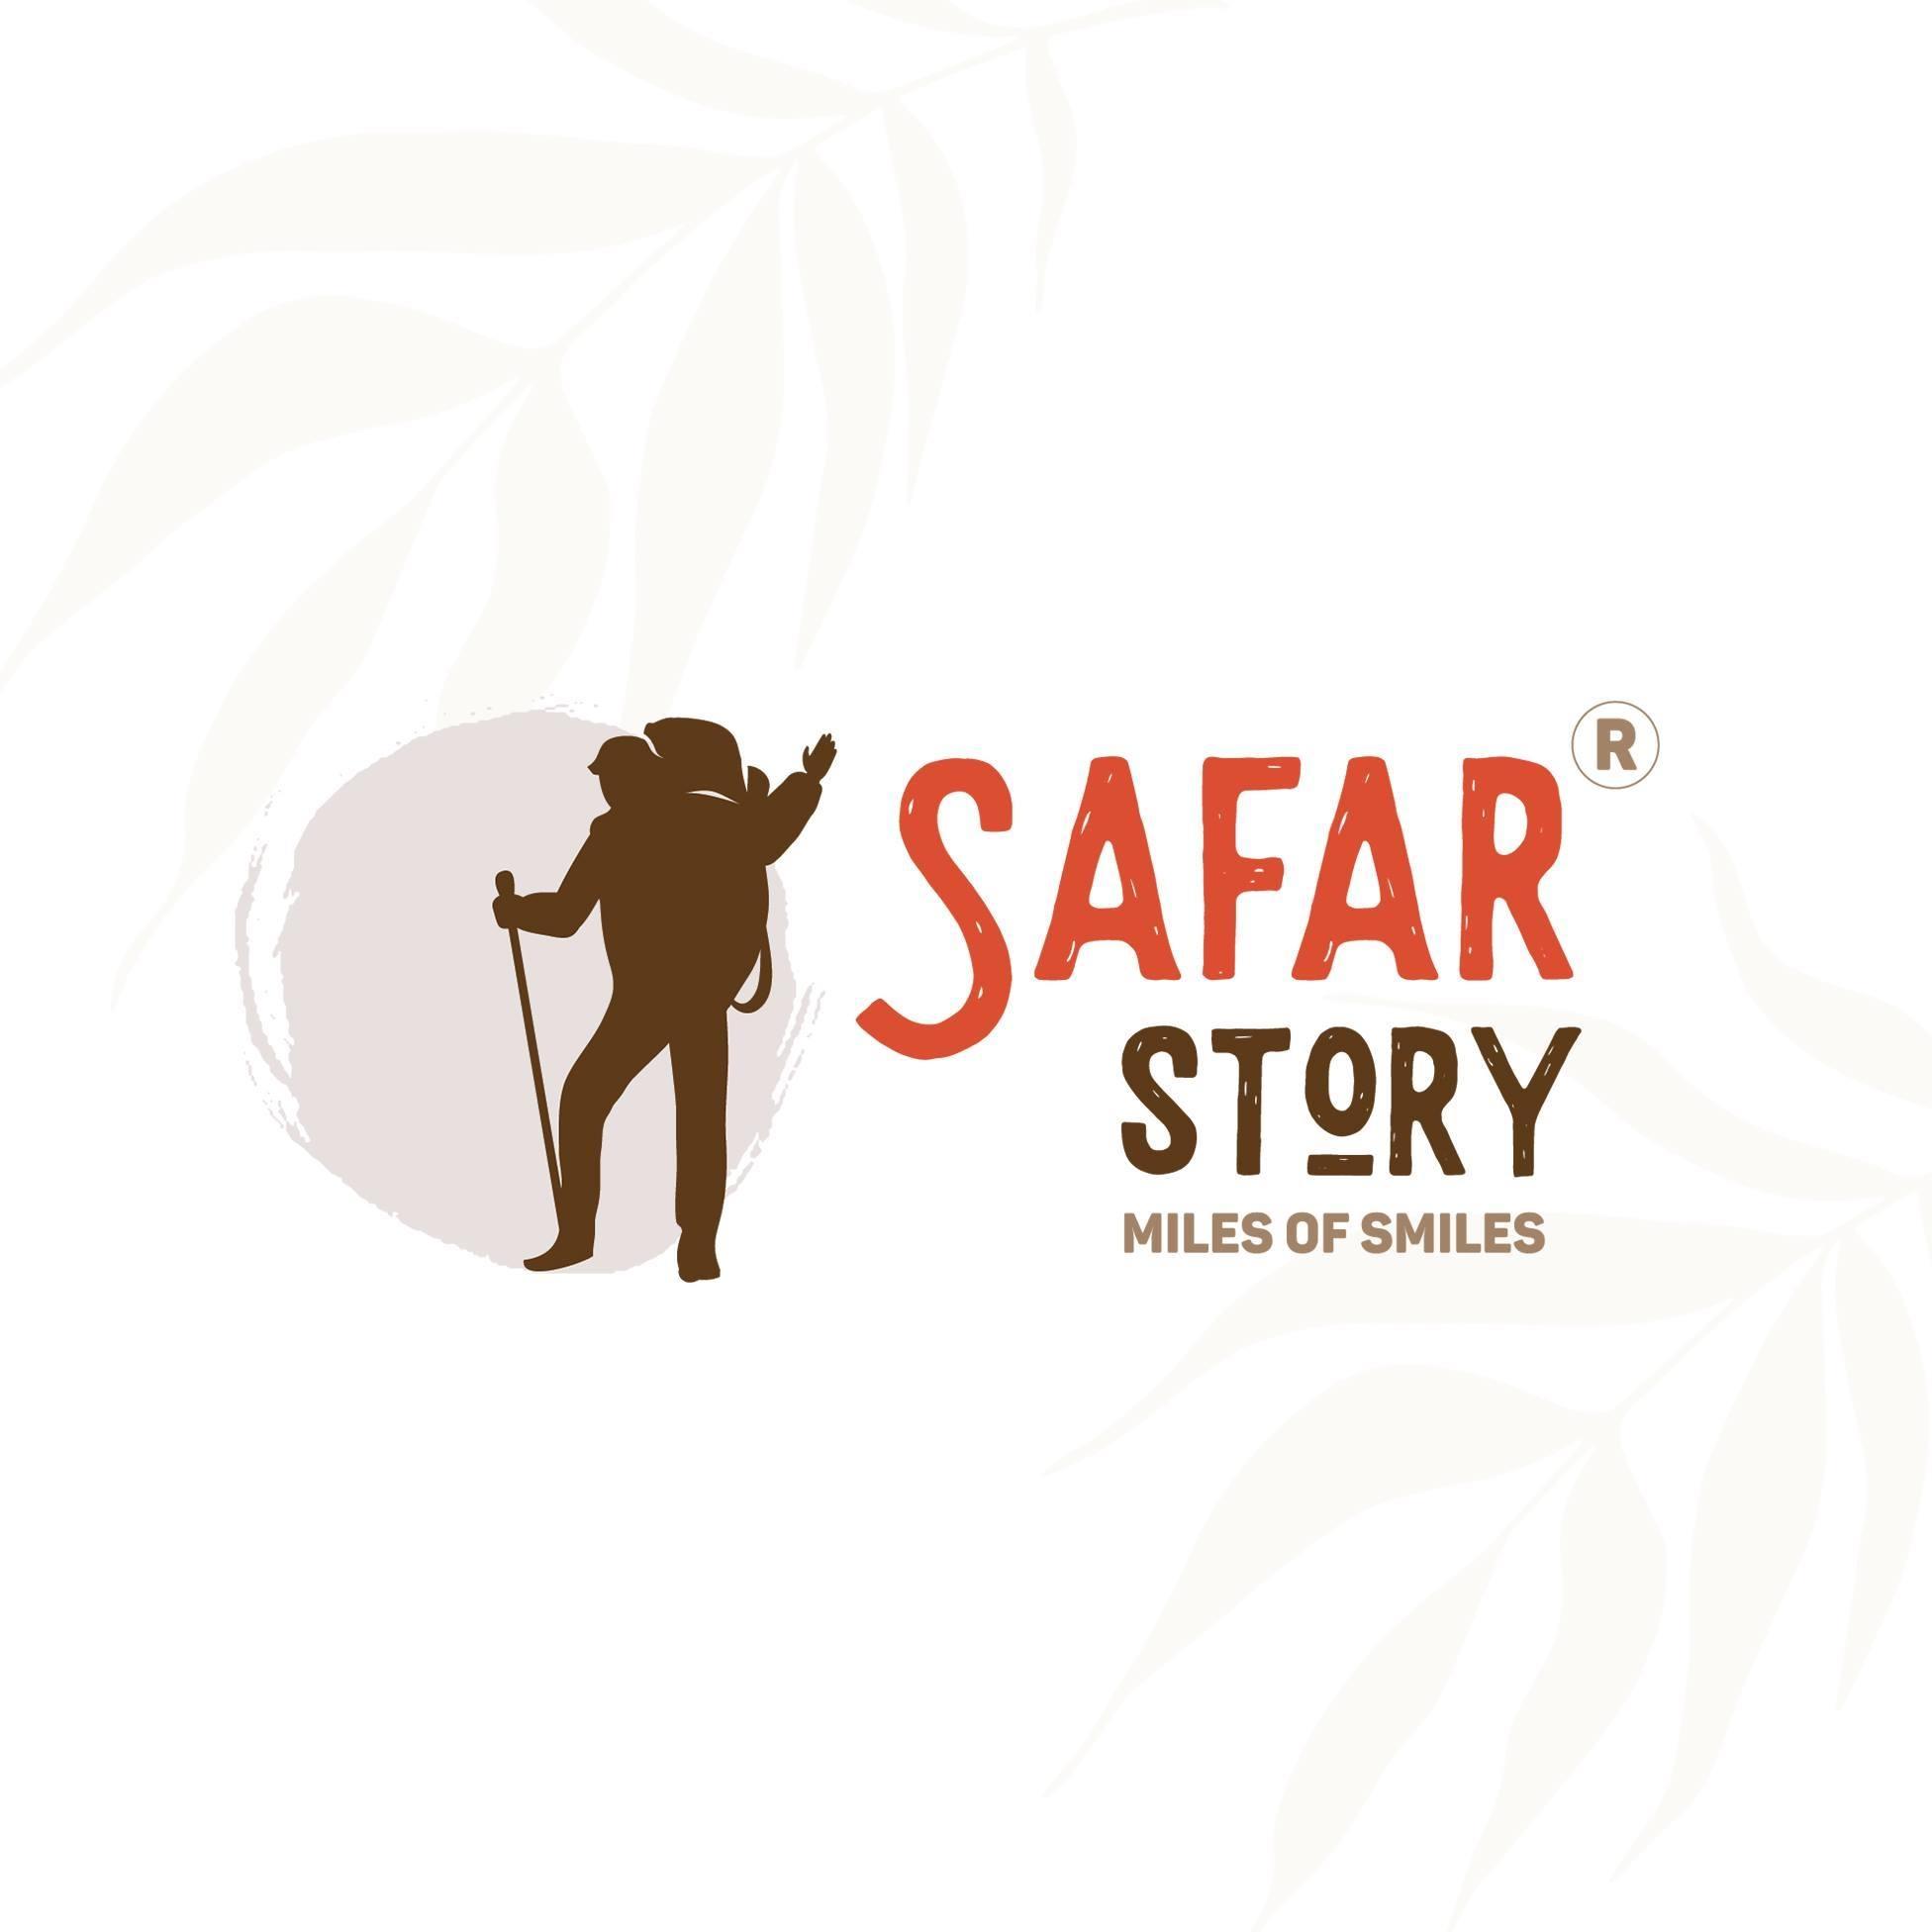 Safar Story - Bangalore Image